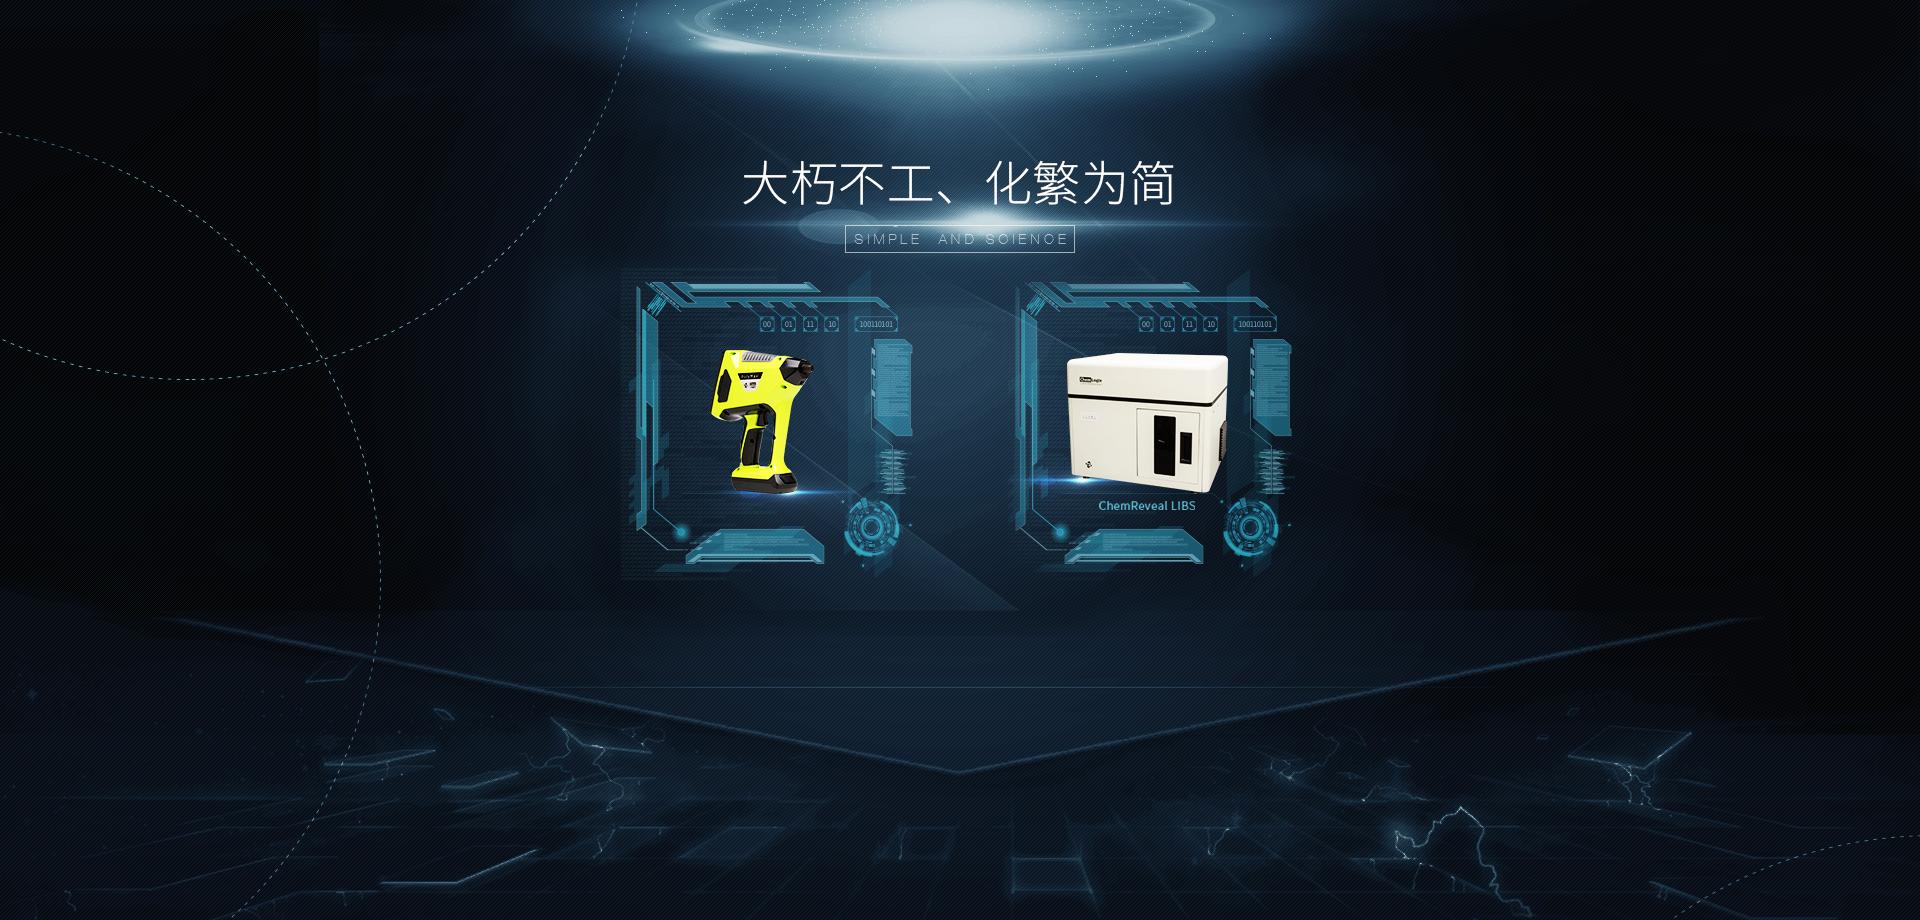 产品科技感banner